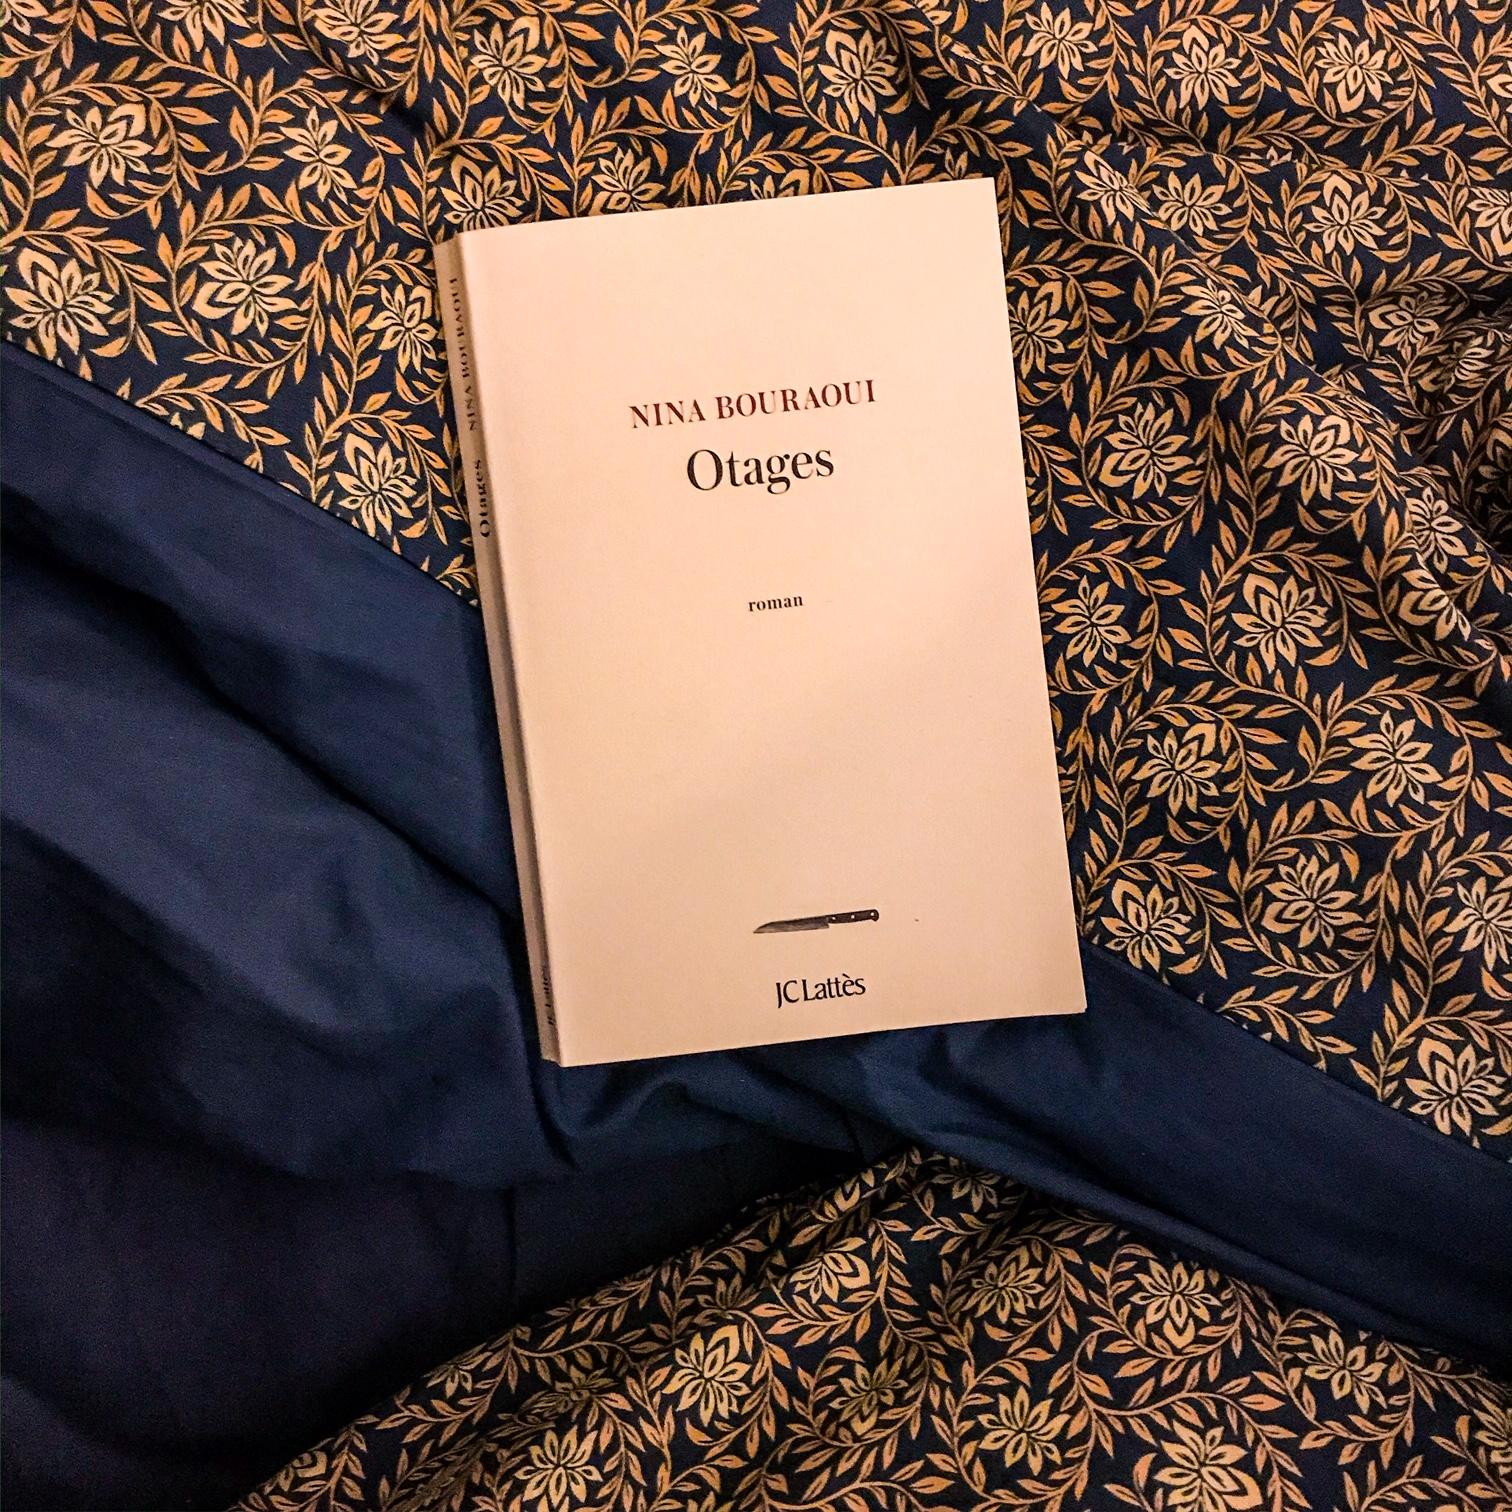 Otages, de Nina Bouraoui : l'origine de la violence